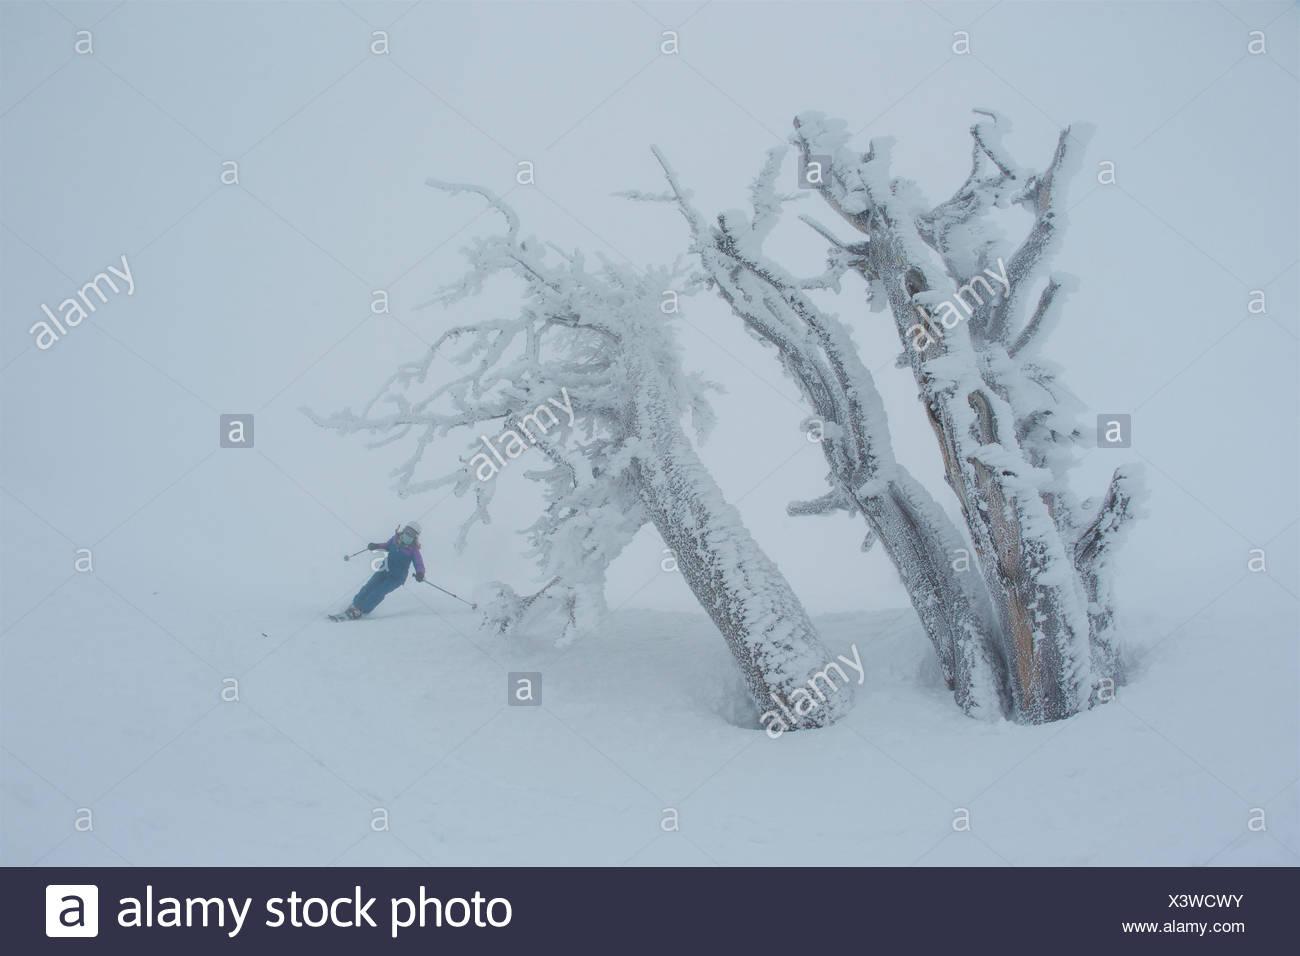 Une fille de l'adolescence du ski dans des conditions de voile blanc, brumeux près de rime couverts d'arbres. Photo Stock